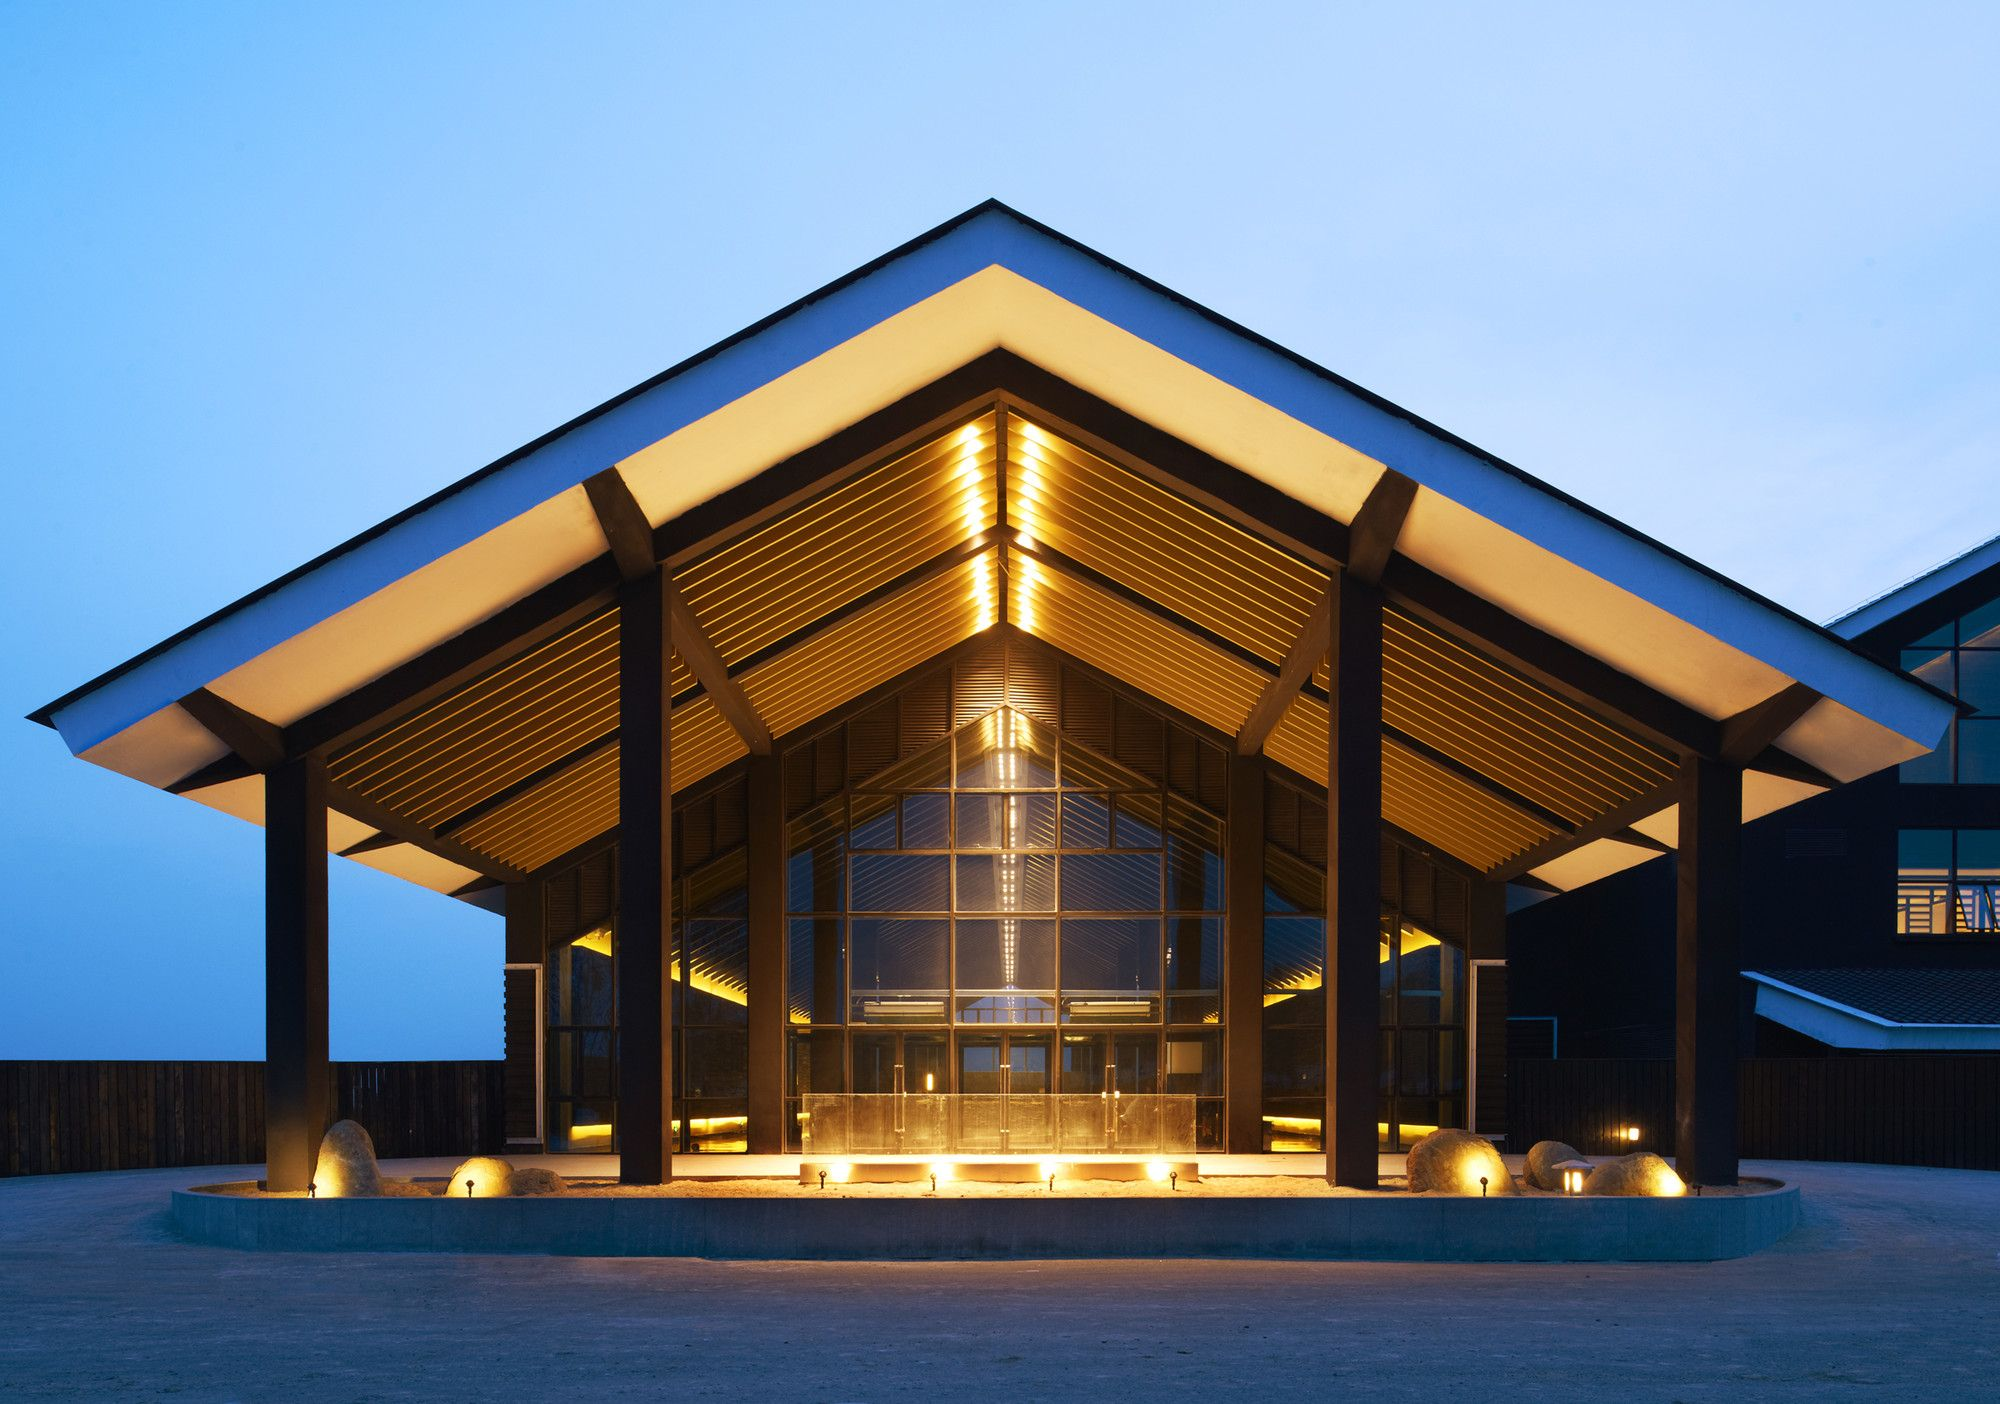 Architects: A-ASTERISK Location: Qiqihar, Heilongjiang, China Architects In Charge: Nakamura Nobuhiro, Qin Yi, Shigeno Yuji, Lai Jie, Wang Wenping, He Zengcai. Area: 11357.0 sqm